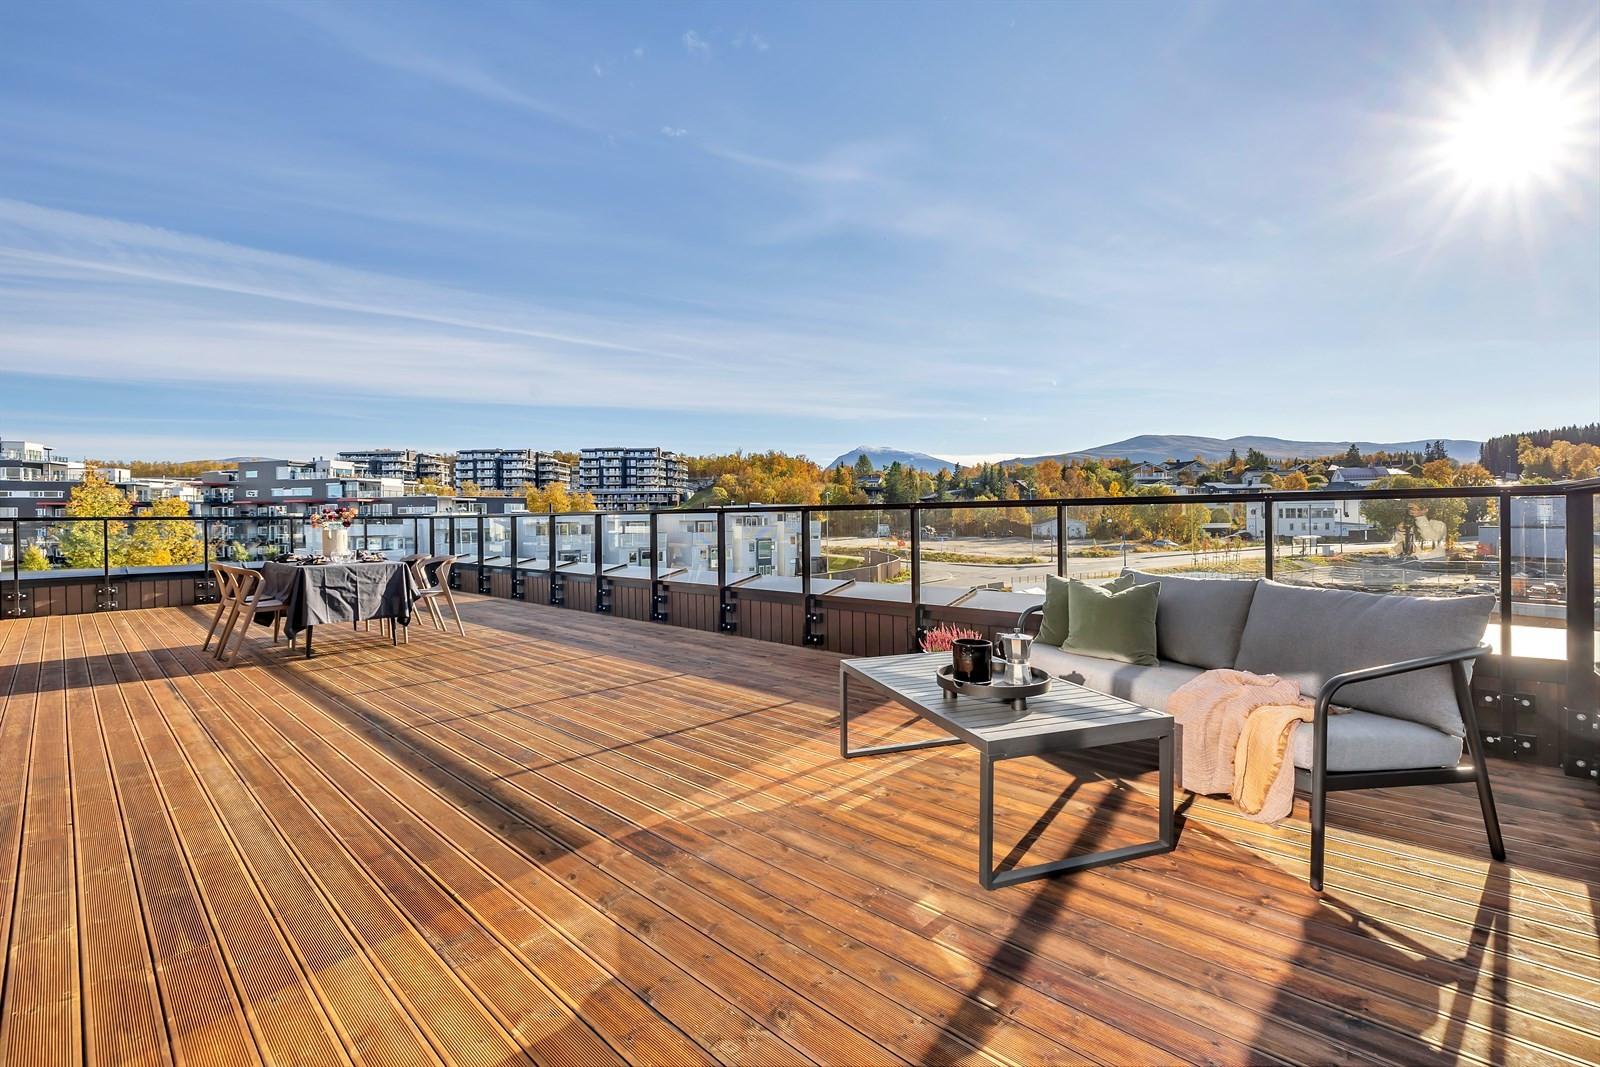 60 kvm terrasse mot sør med fantastiske sol- og utsiktsforhold